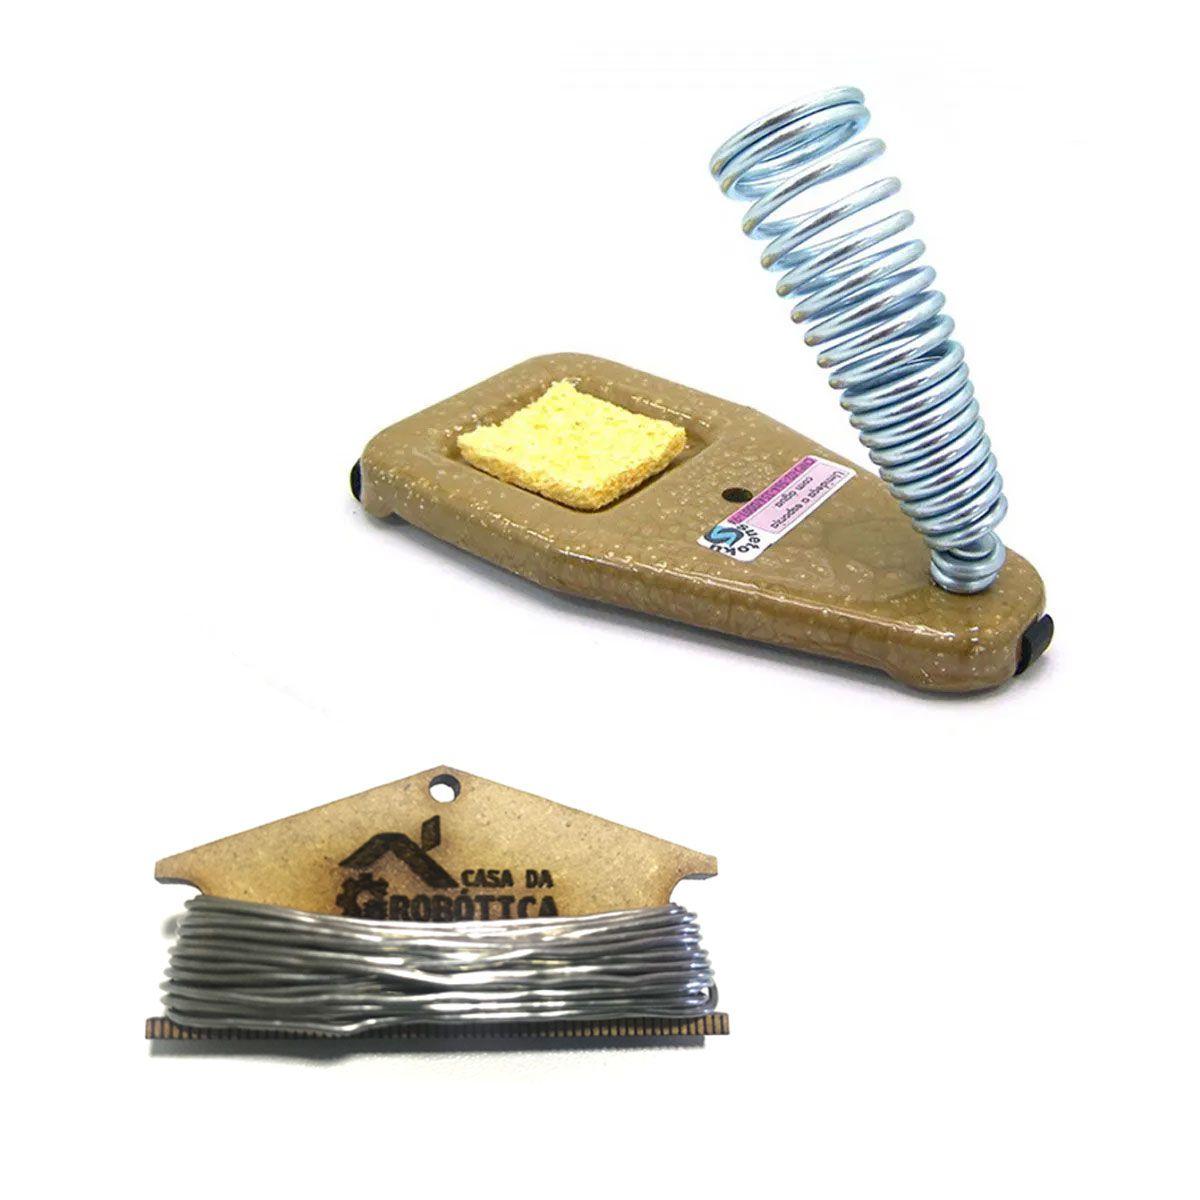 Suporte para Ferro de Solda com Esponja Vegetal + 4 metros de Estanho 1mm